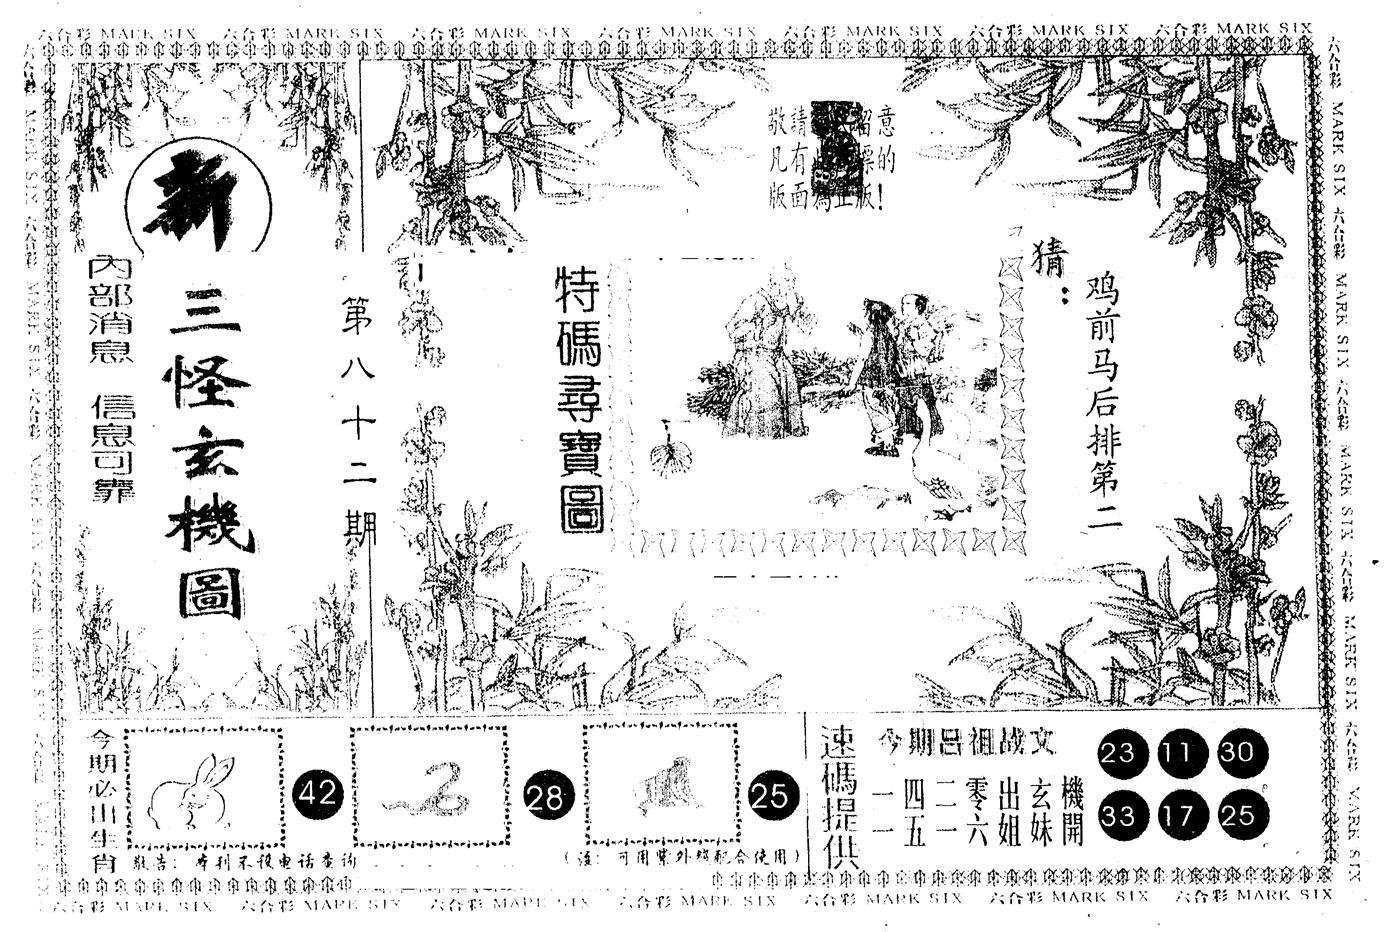 082期另版新三怪(黑白)